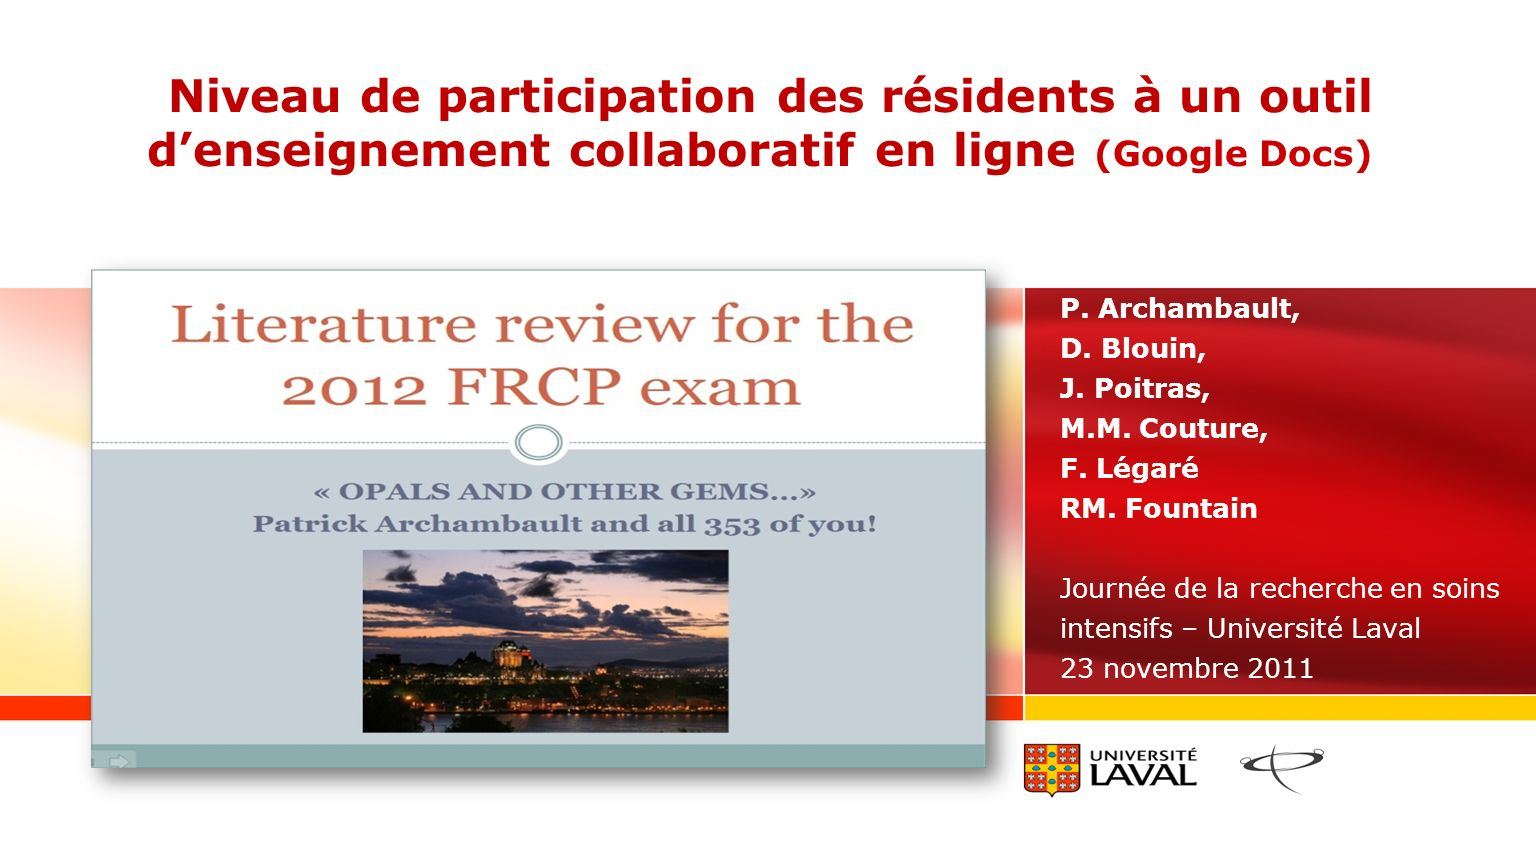 Niveau de participation des résidents à un outil denseignement collaboratif en ligne (Google Docs) P. Archambault, D. Blouin, J. Poitras, M.M. Couture